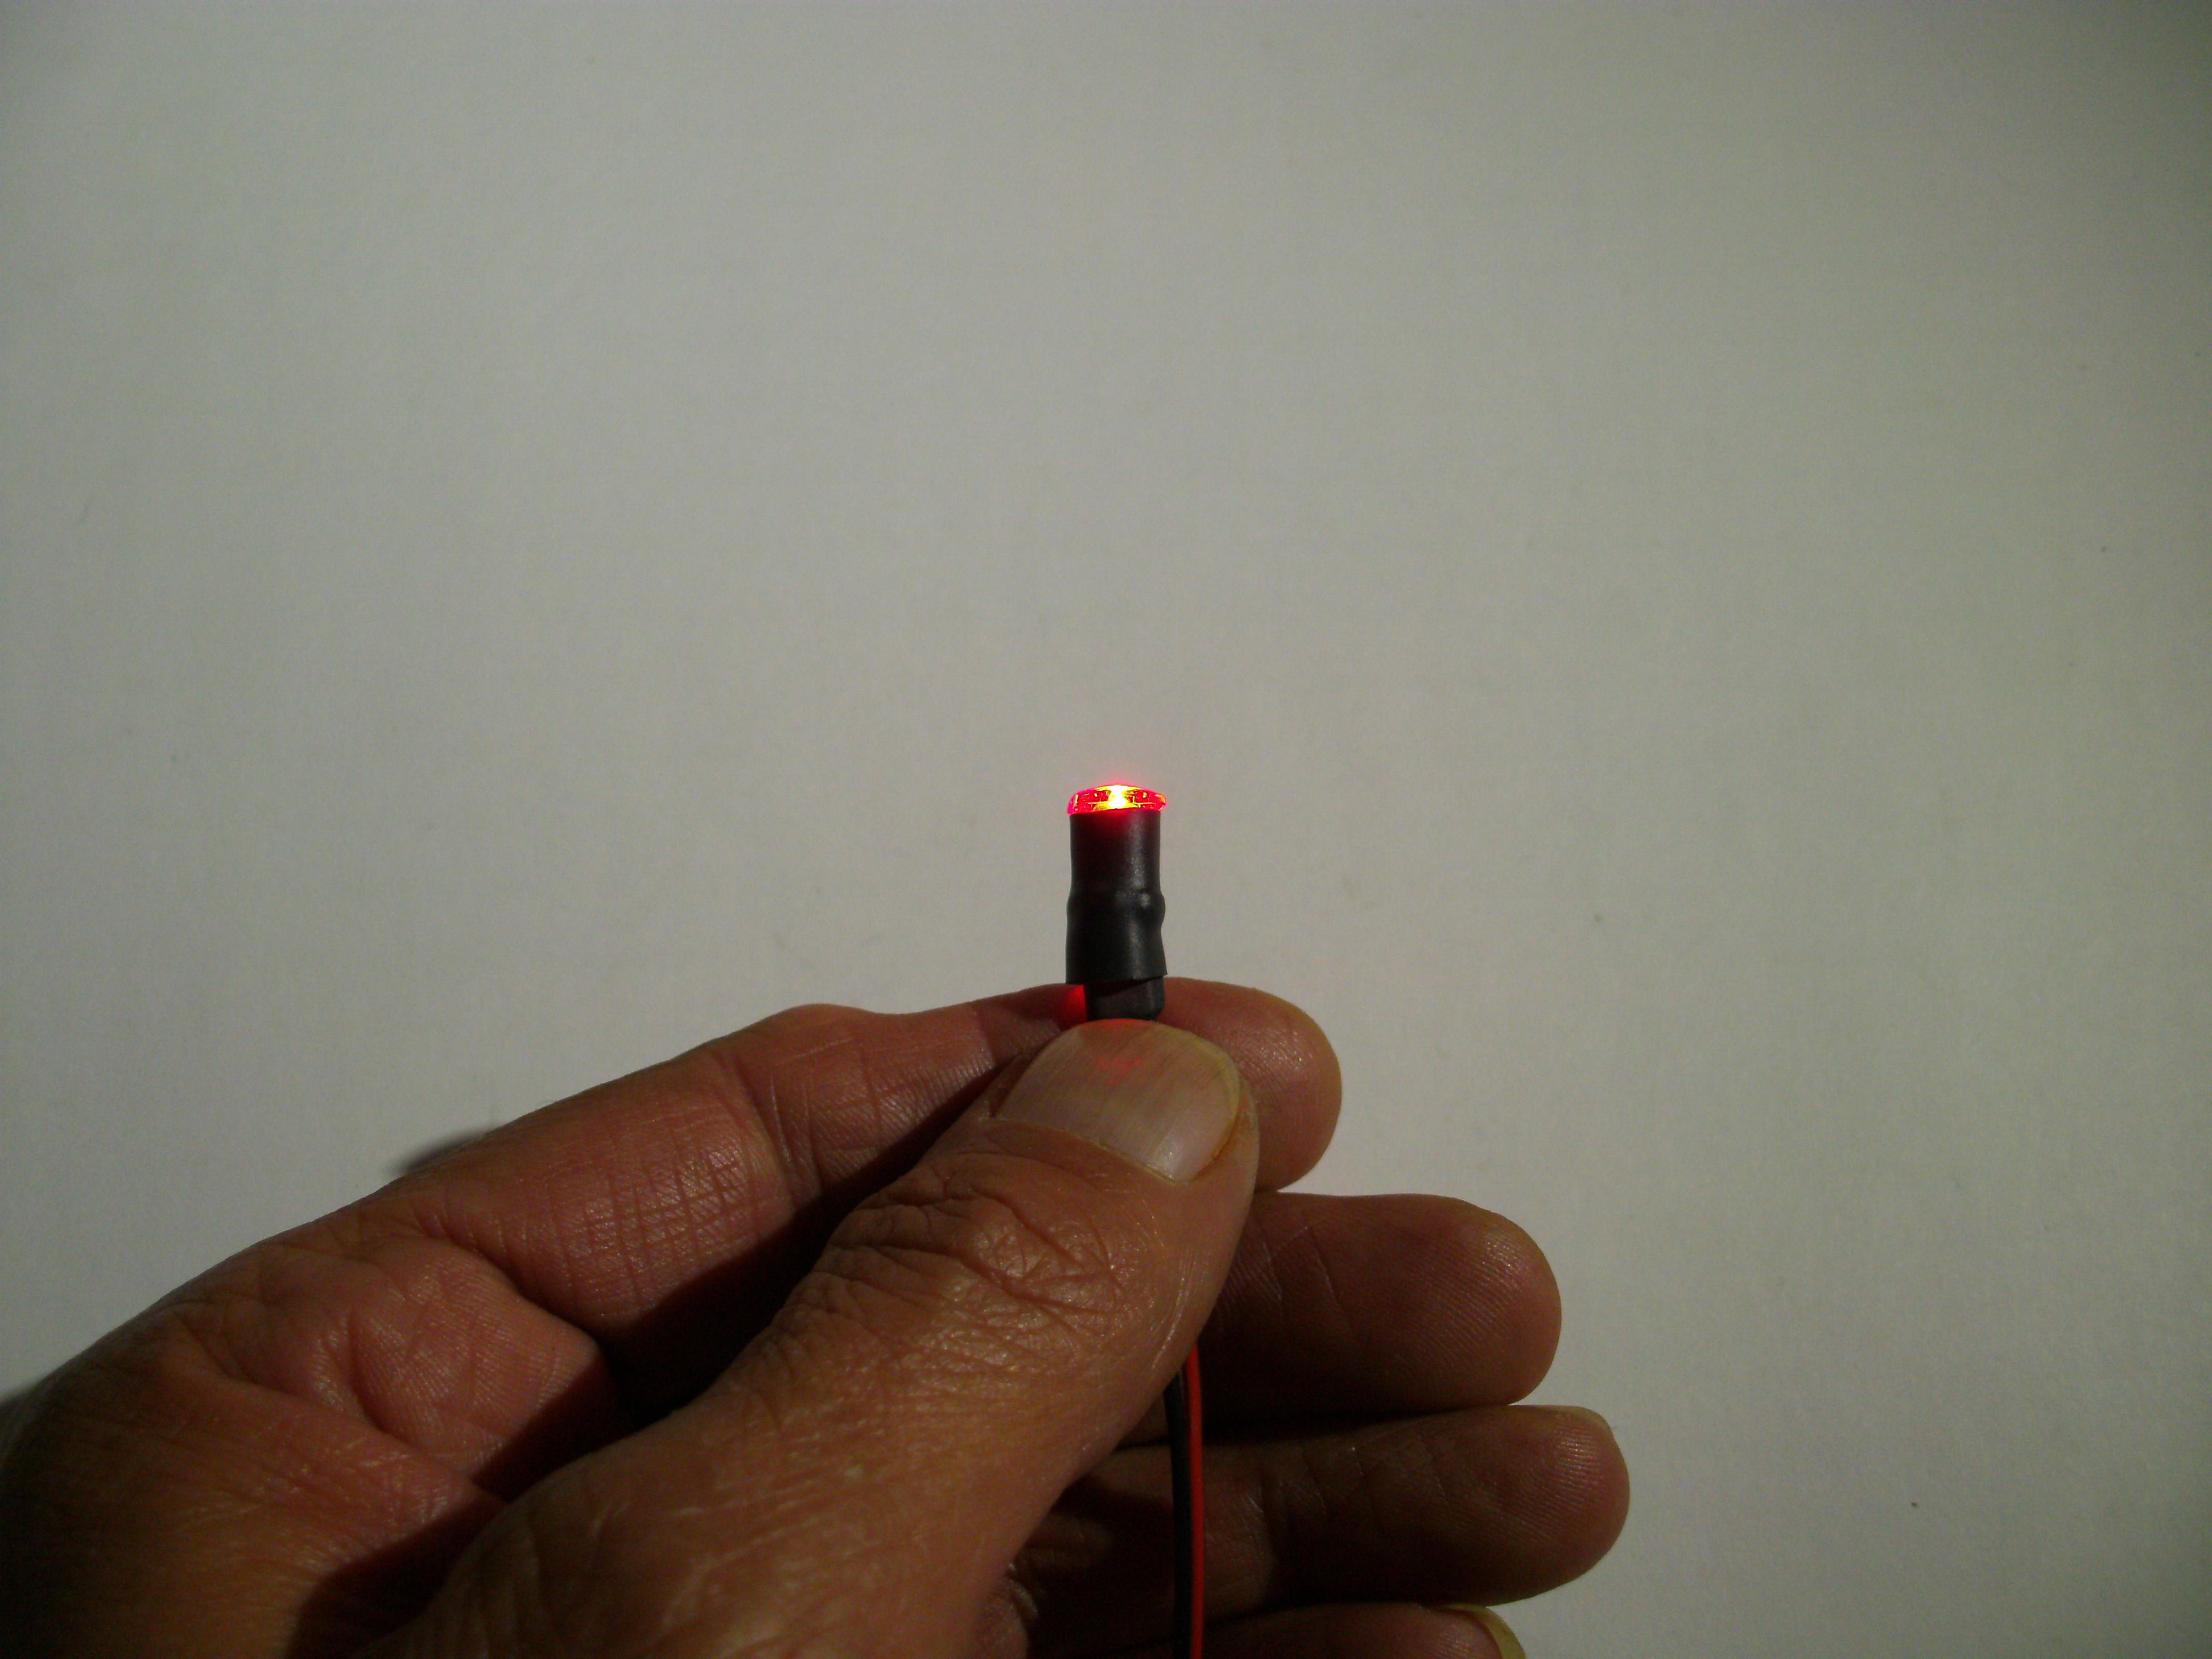 Scheinwerferlampe rund d48 mm mit led u kabel wahlw xenonws kabel wahlw scheinwerferlampe rund d48 mm mit led u kabel wahlw parisarafo Images